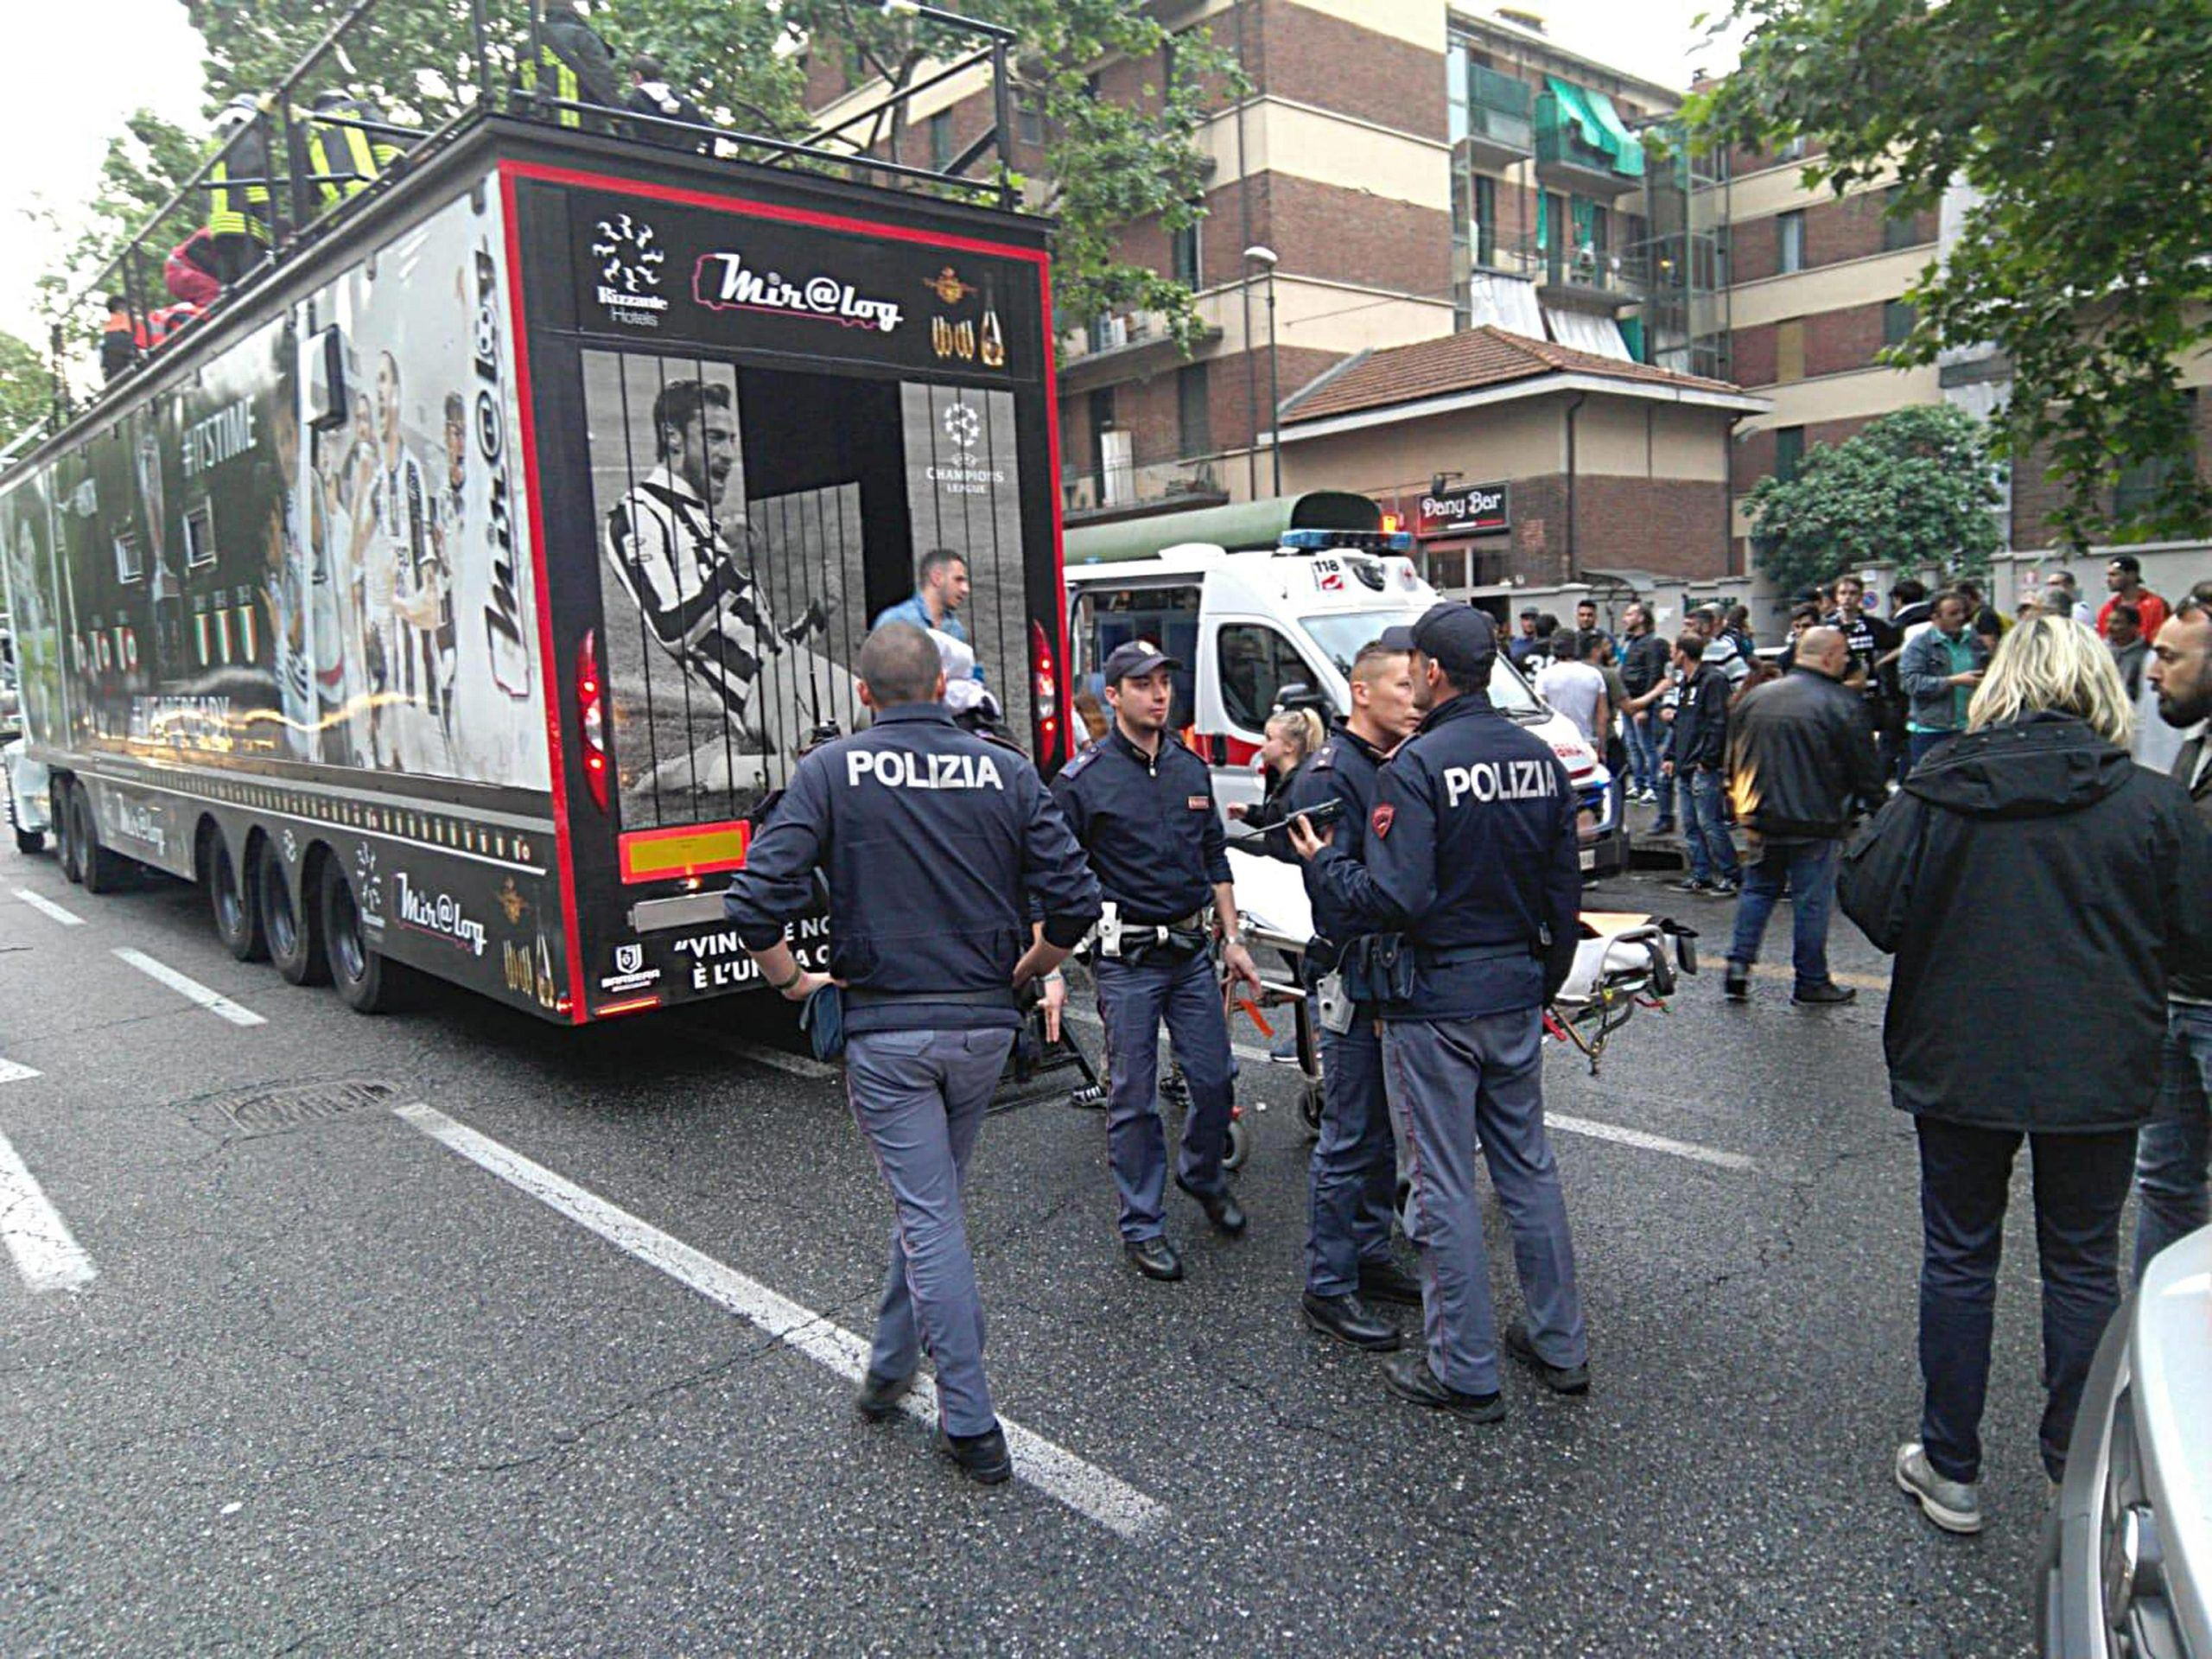 Festa della Juve: camion di tifosi rimane incastrato tra i fili del tram